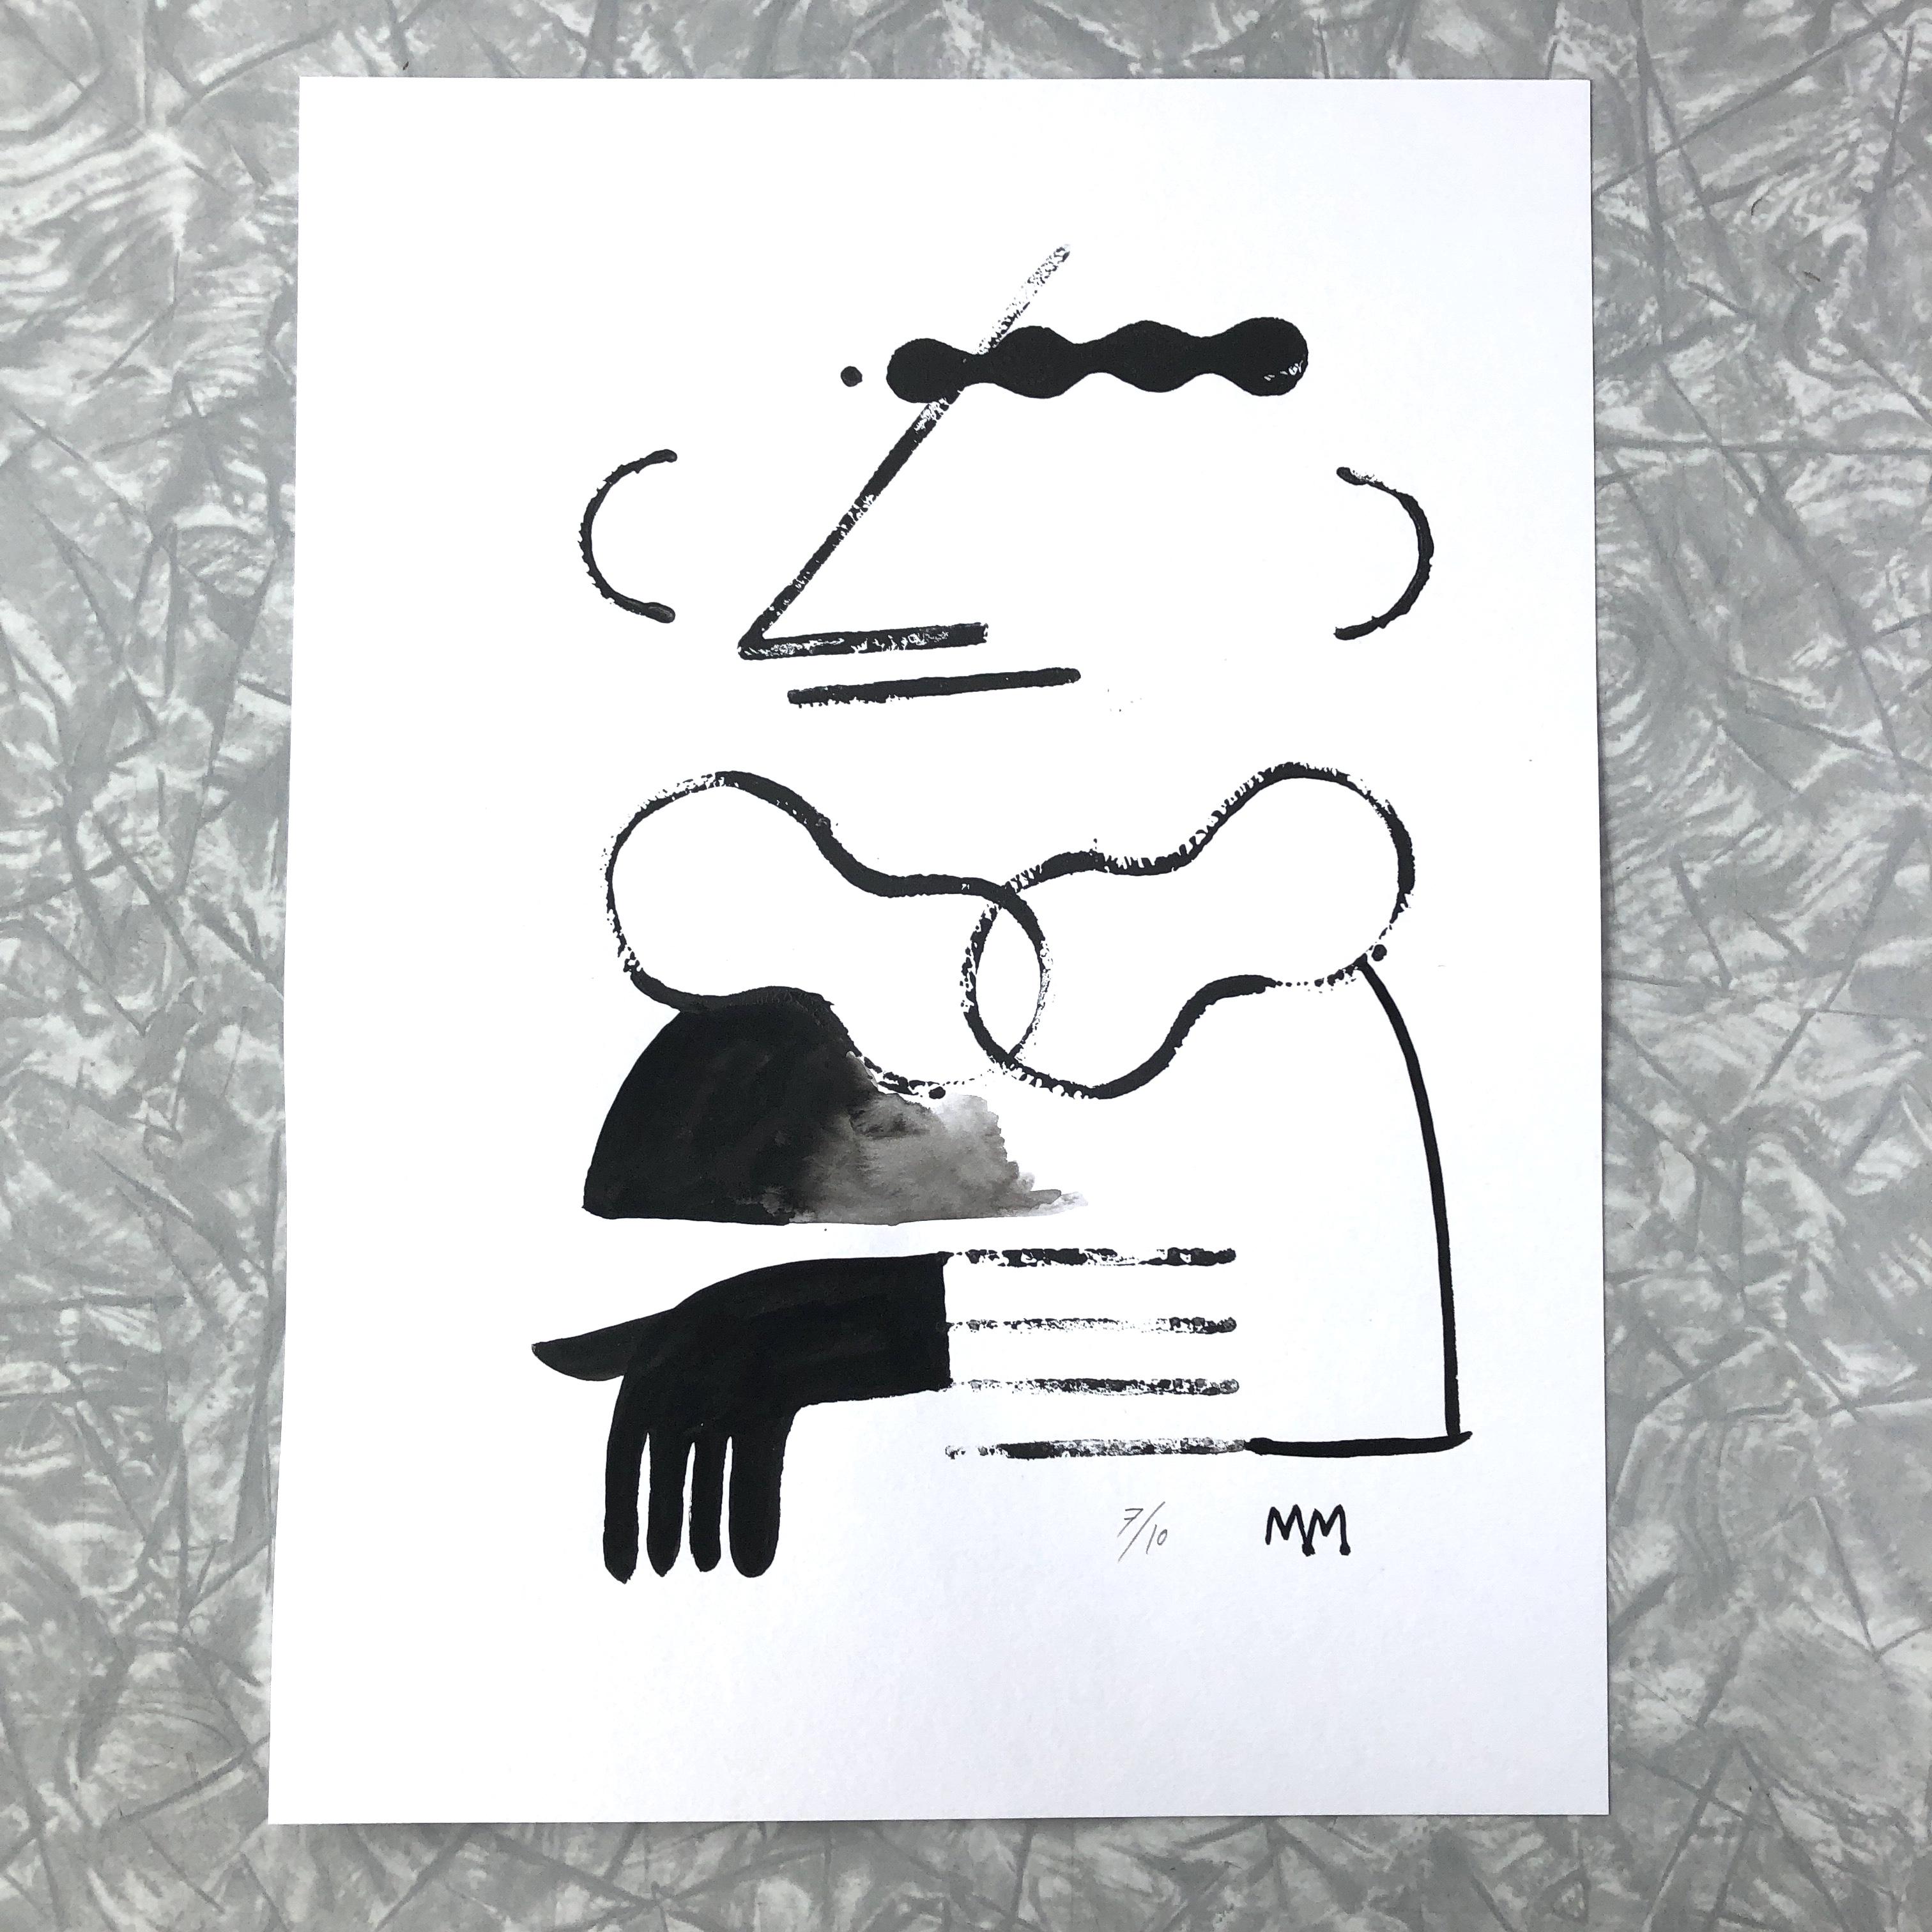 L'attente 7/10